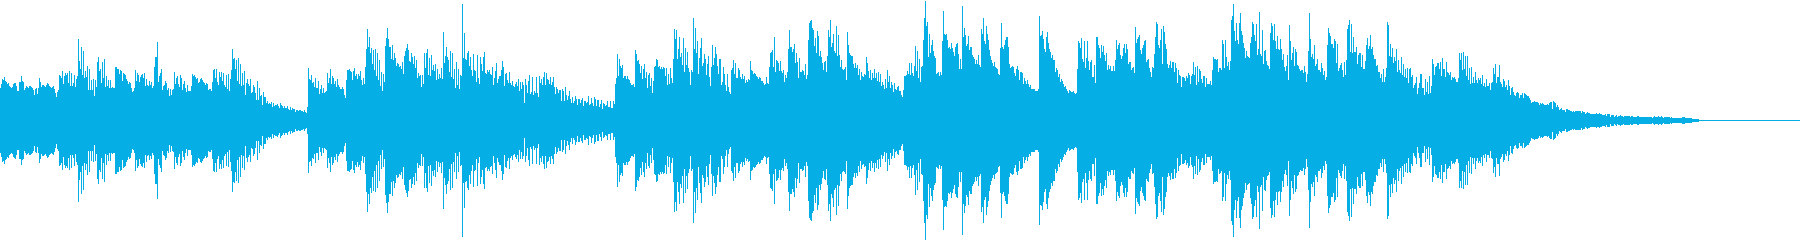 豊かな和音のうららかな秋のピアノジングルの再生済みの波形